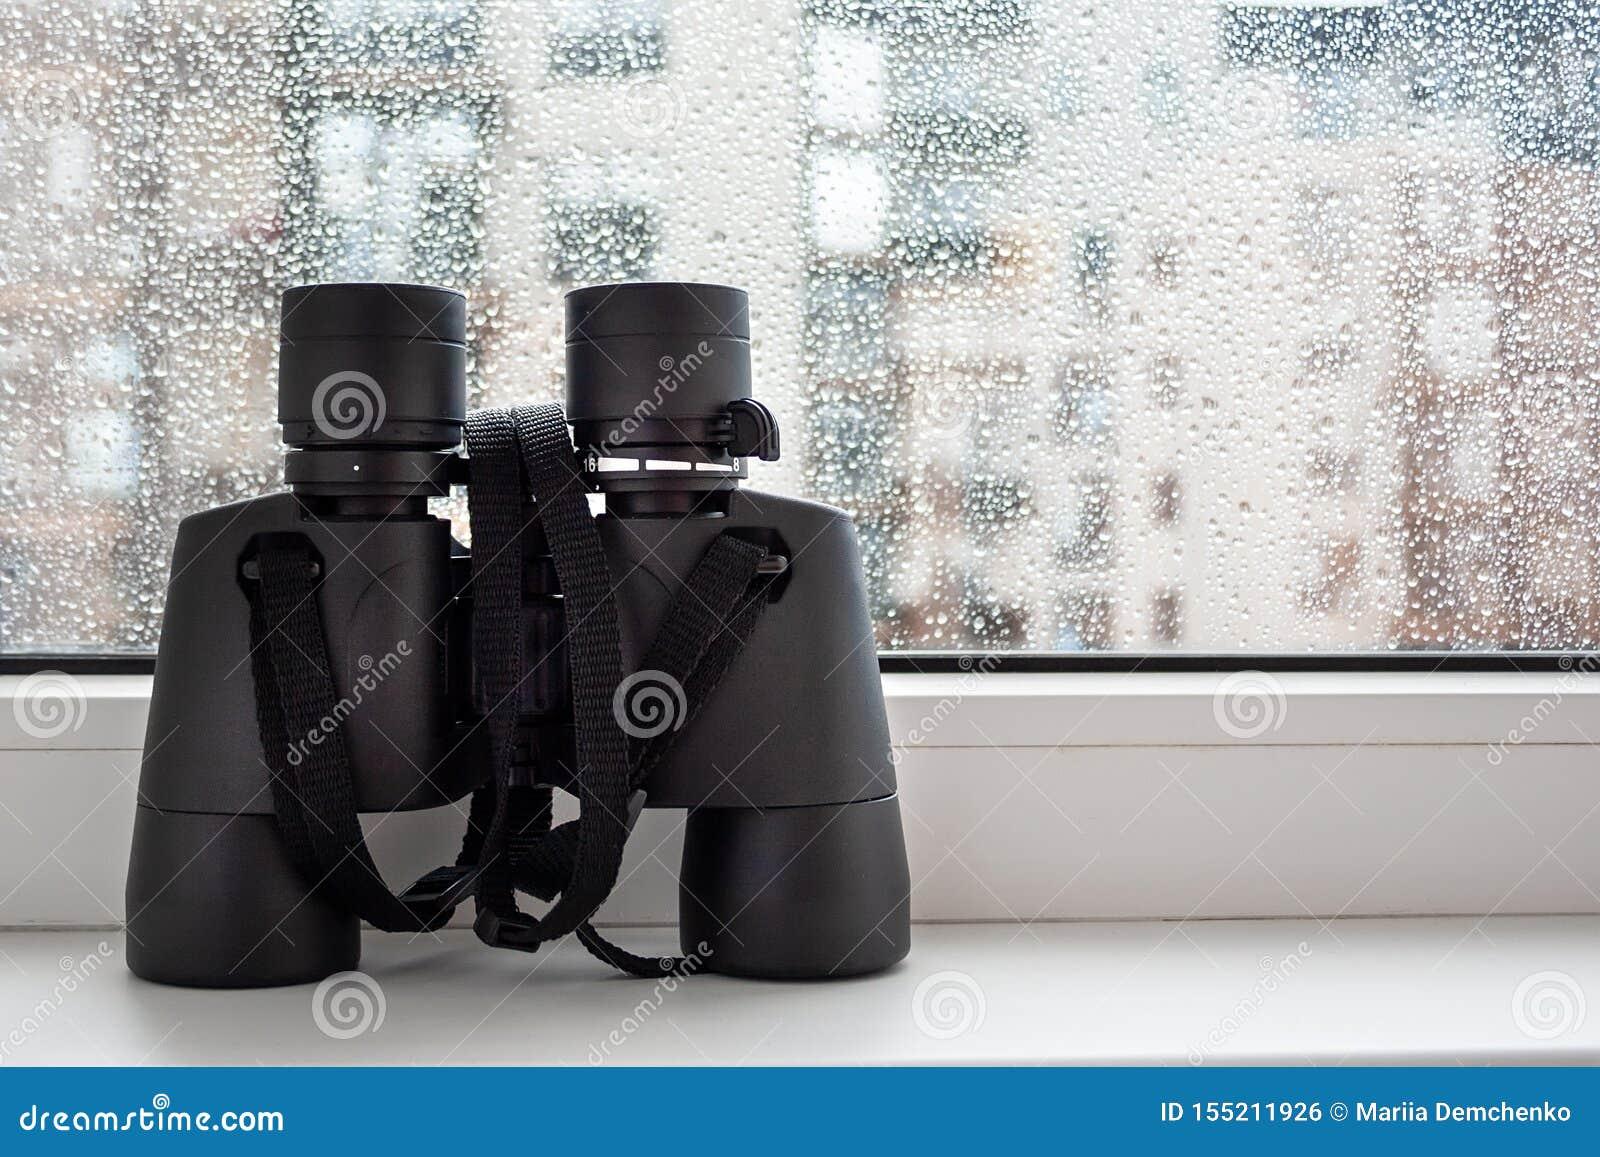 Em uma soleira branca pela janela com os pingos de chuva no vidro são os binóculos pretos para observar vizinhos